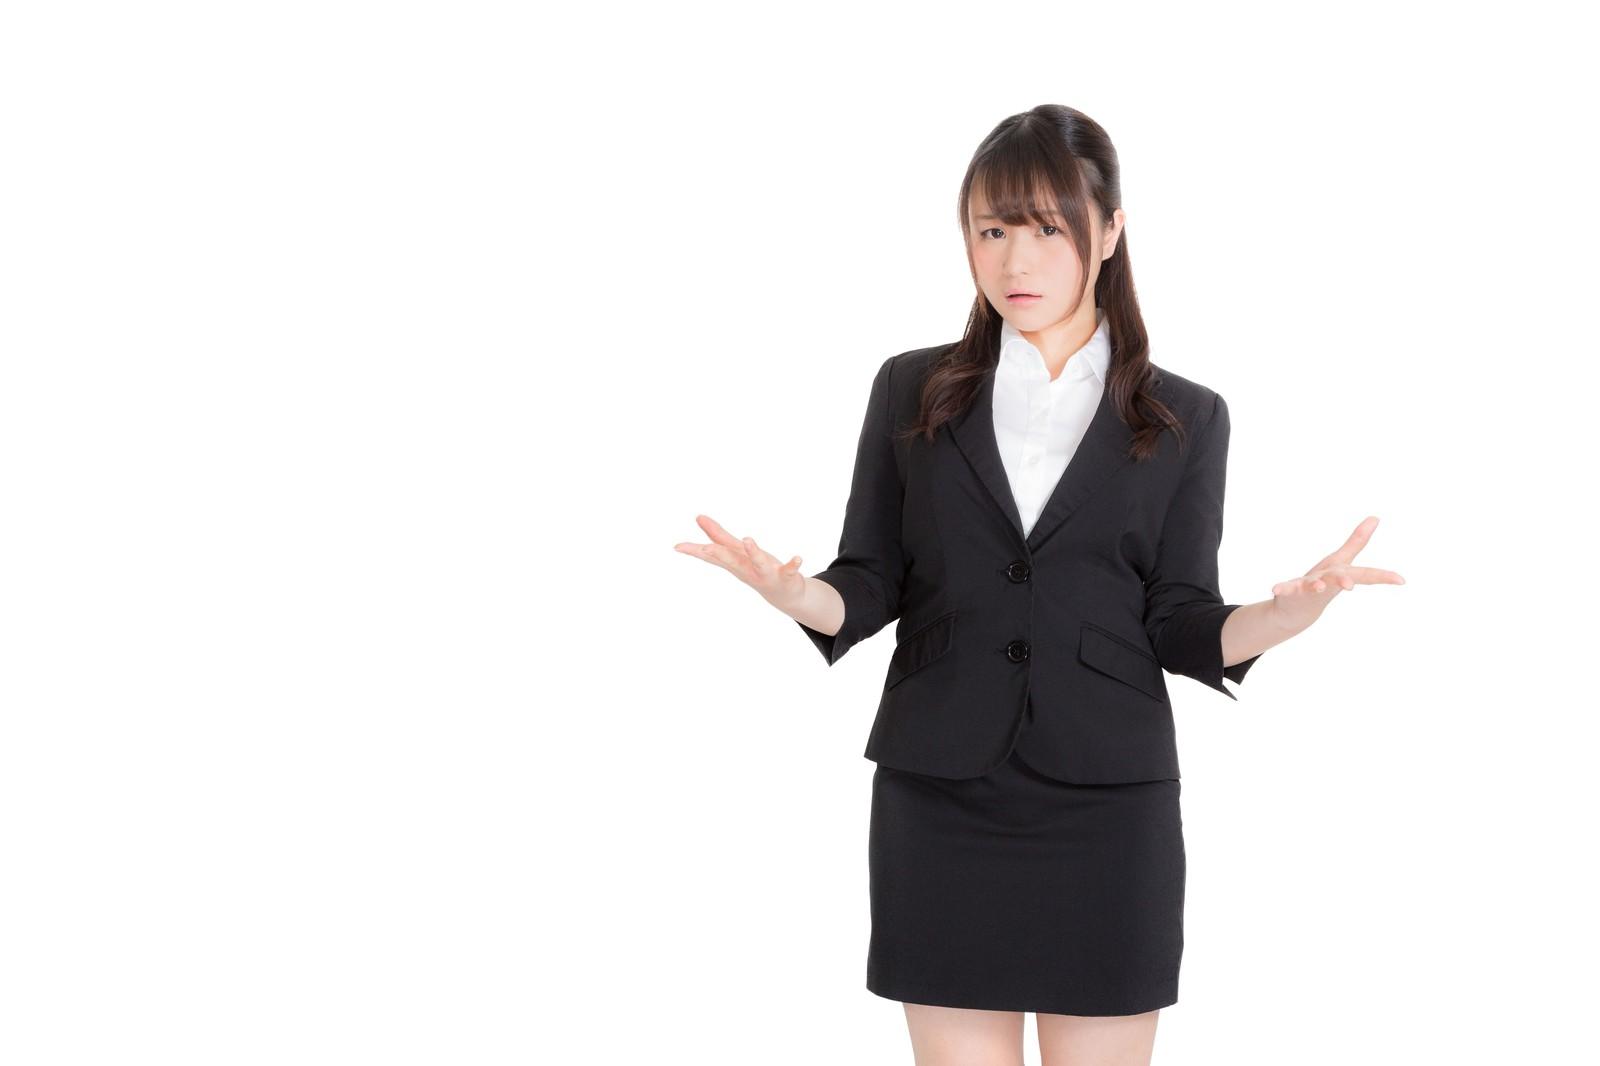 社労士の試験勉強でどうしてもやる気がでない時の対処法